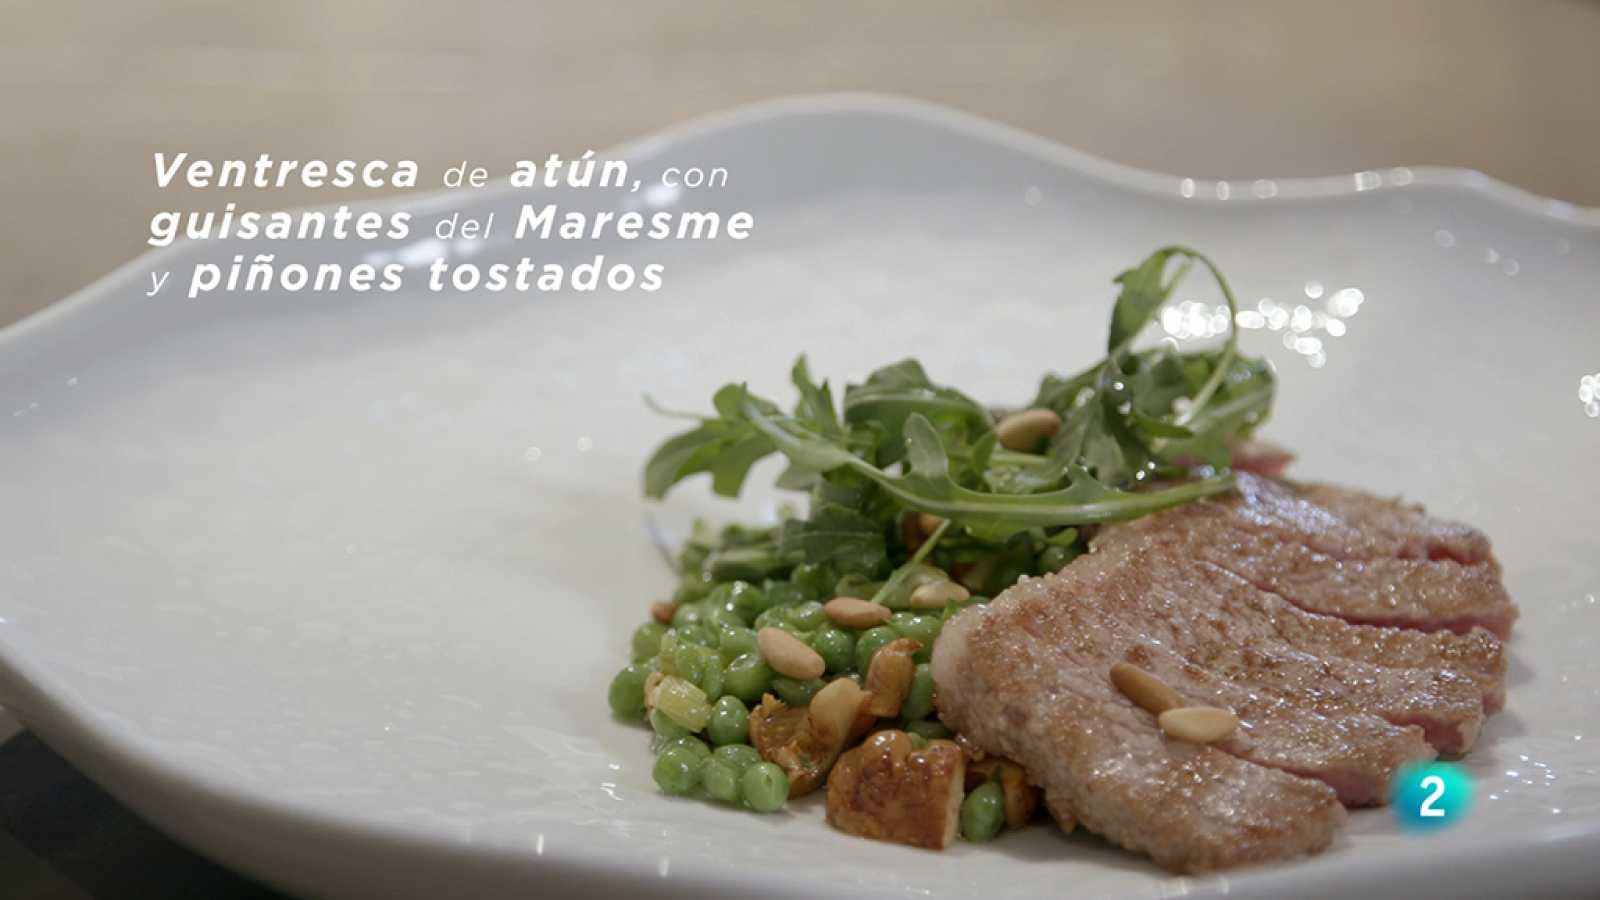 Receta de ventresca de atún con rúcula y piñones tostados